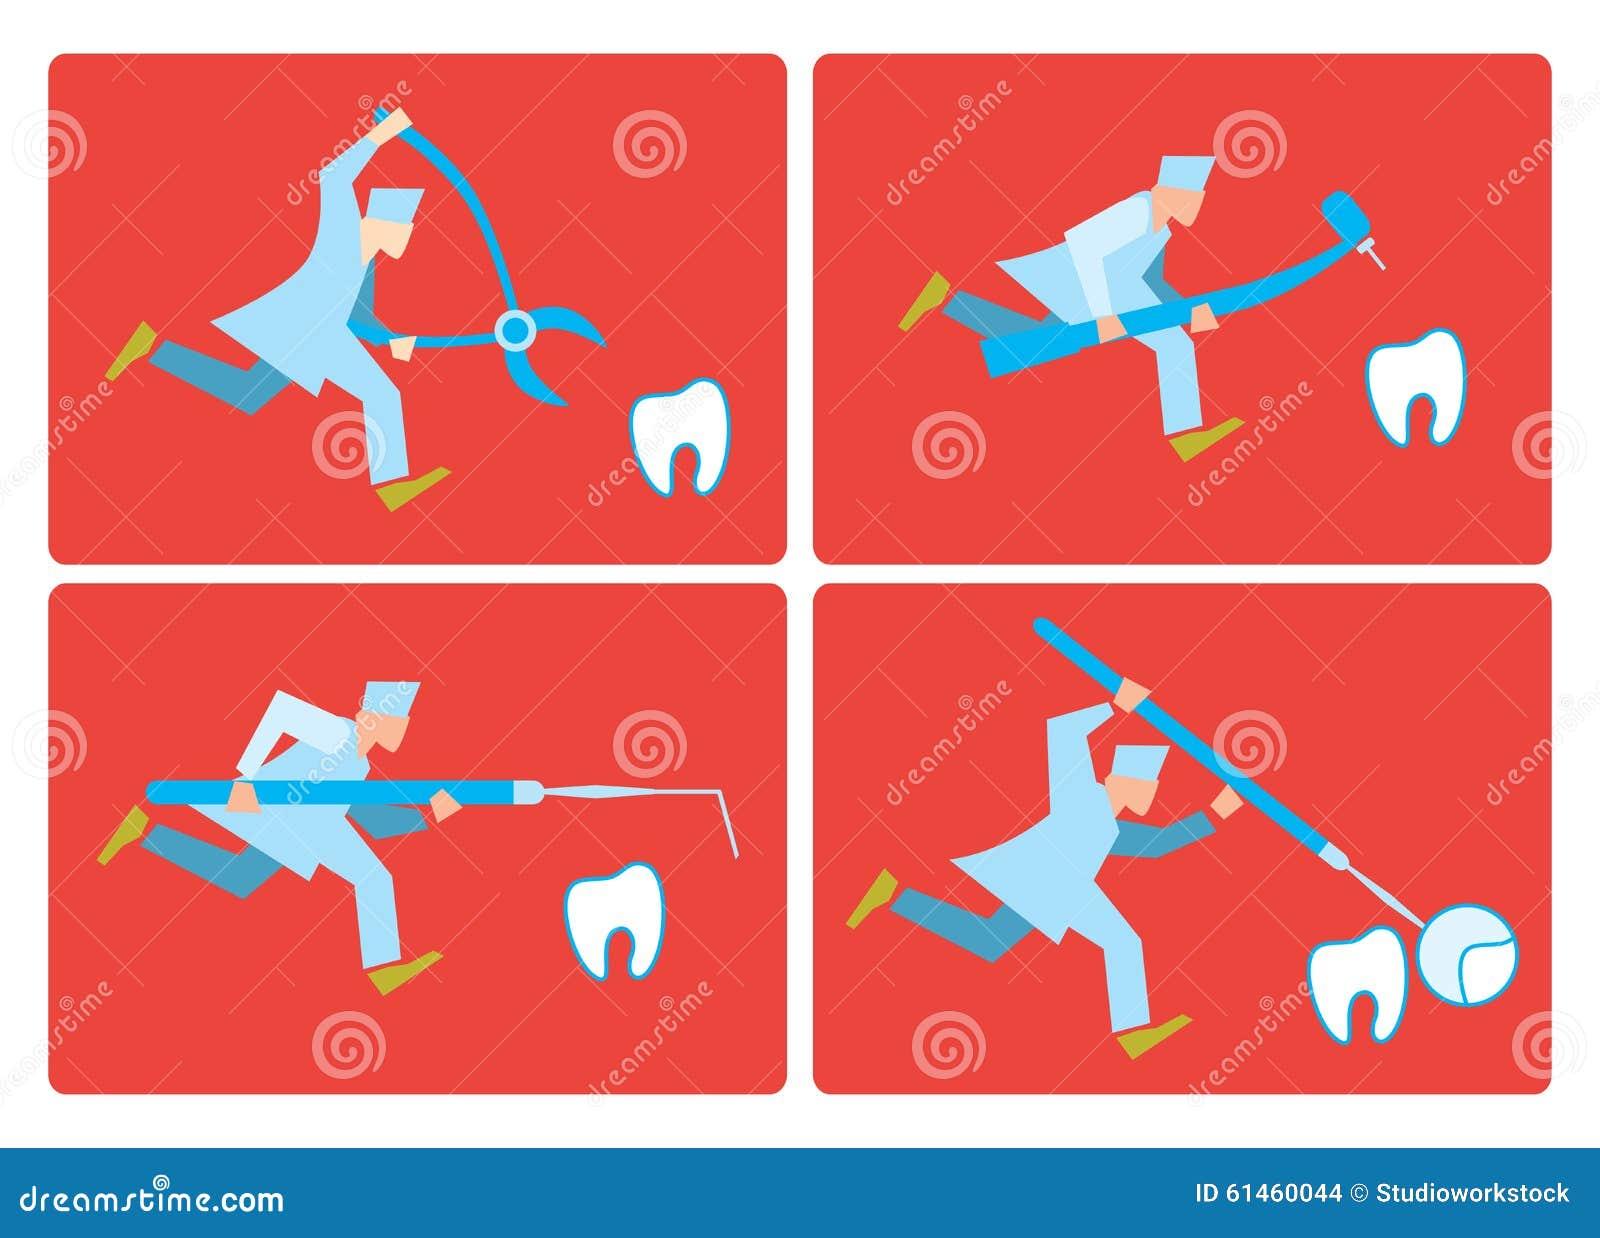 Dentist Runs For A Too...